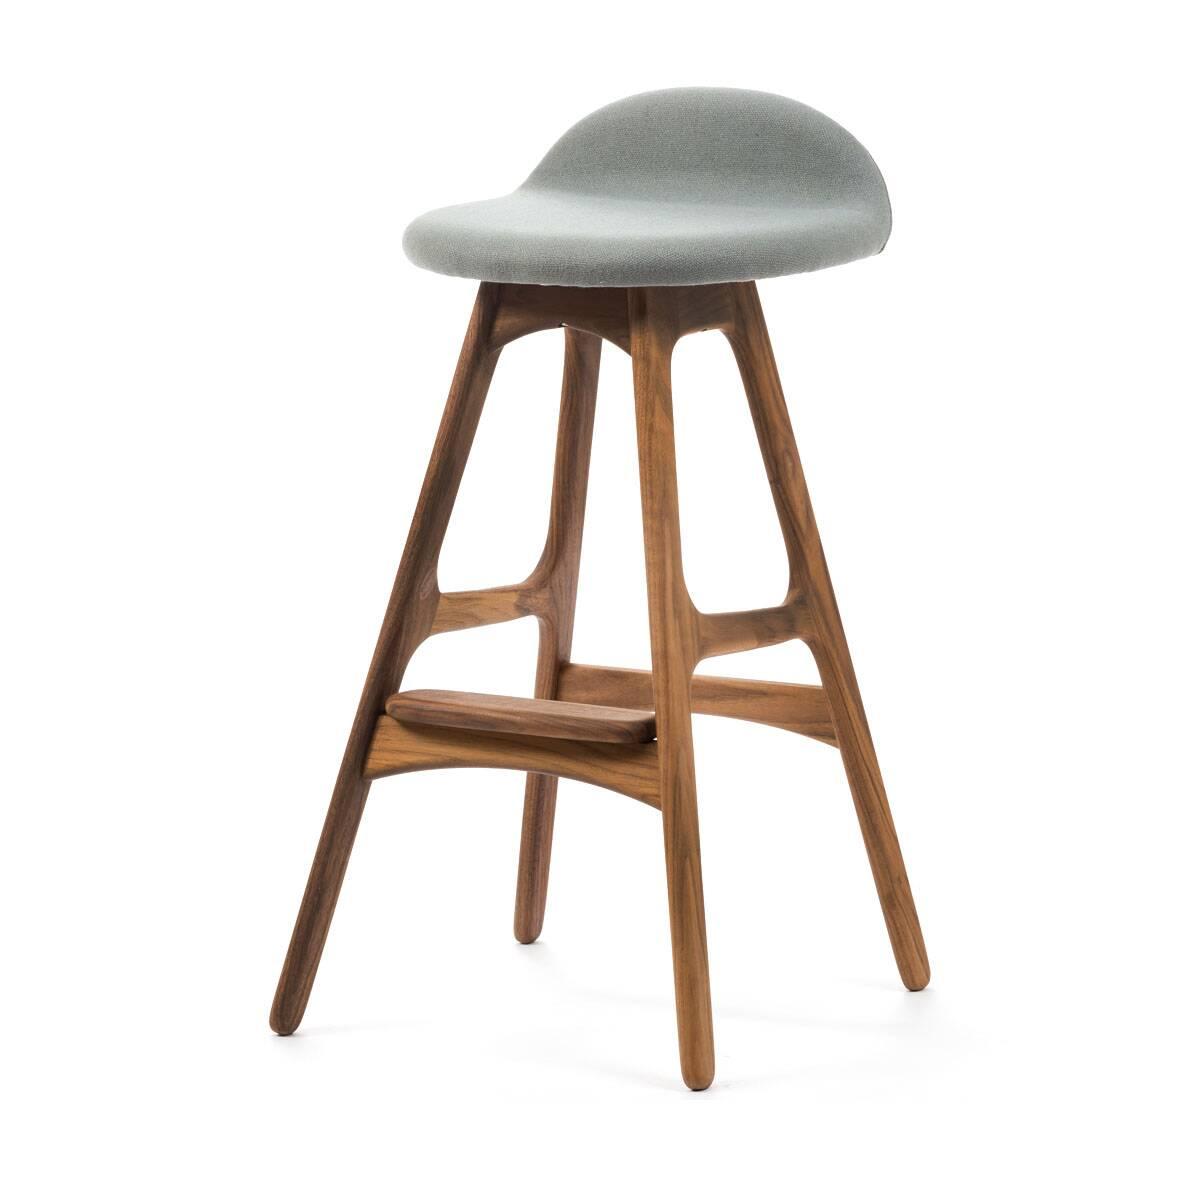 Барный стул Buch 2Полубарные<br>Мы говорим скандинавский модерн, подразумеваем целую плеяду дизайнеров-экспериментаторов, среди которых был и Эрик Бук. Мебель этого датчанина с 1957 года занимает прочные позиции в истории дизайна благодаря минималистичным обтекаемым формам, натуральным материалам — дереву, ткани и коже, практичности и функциональности.<br><br><br> Поклонников модного нынче экологичного образа жизни, да и просто любителей завтраков и ужинов на траве, наверняка привлечет знаменитый барный стул Buch 2. Он появи...<br><br>stock: 0<br>Высота: 75,5<br>Высота сиденья: 65<br>Ширина: 40<br>Глубина: 45<br>Цвет ножек: Орех<br>Материал ножек: Массив ореха<br>Материал сидения: Шерсть, Нейлон<br>Цвет сидения: Серый<br>Тип материала сидения: Ткань<br>Коллекция ткани: T Fabric<br>Тип материала ножек: Дерево